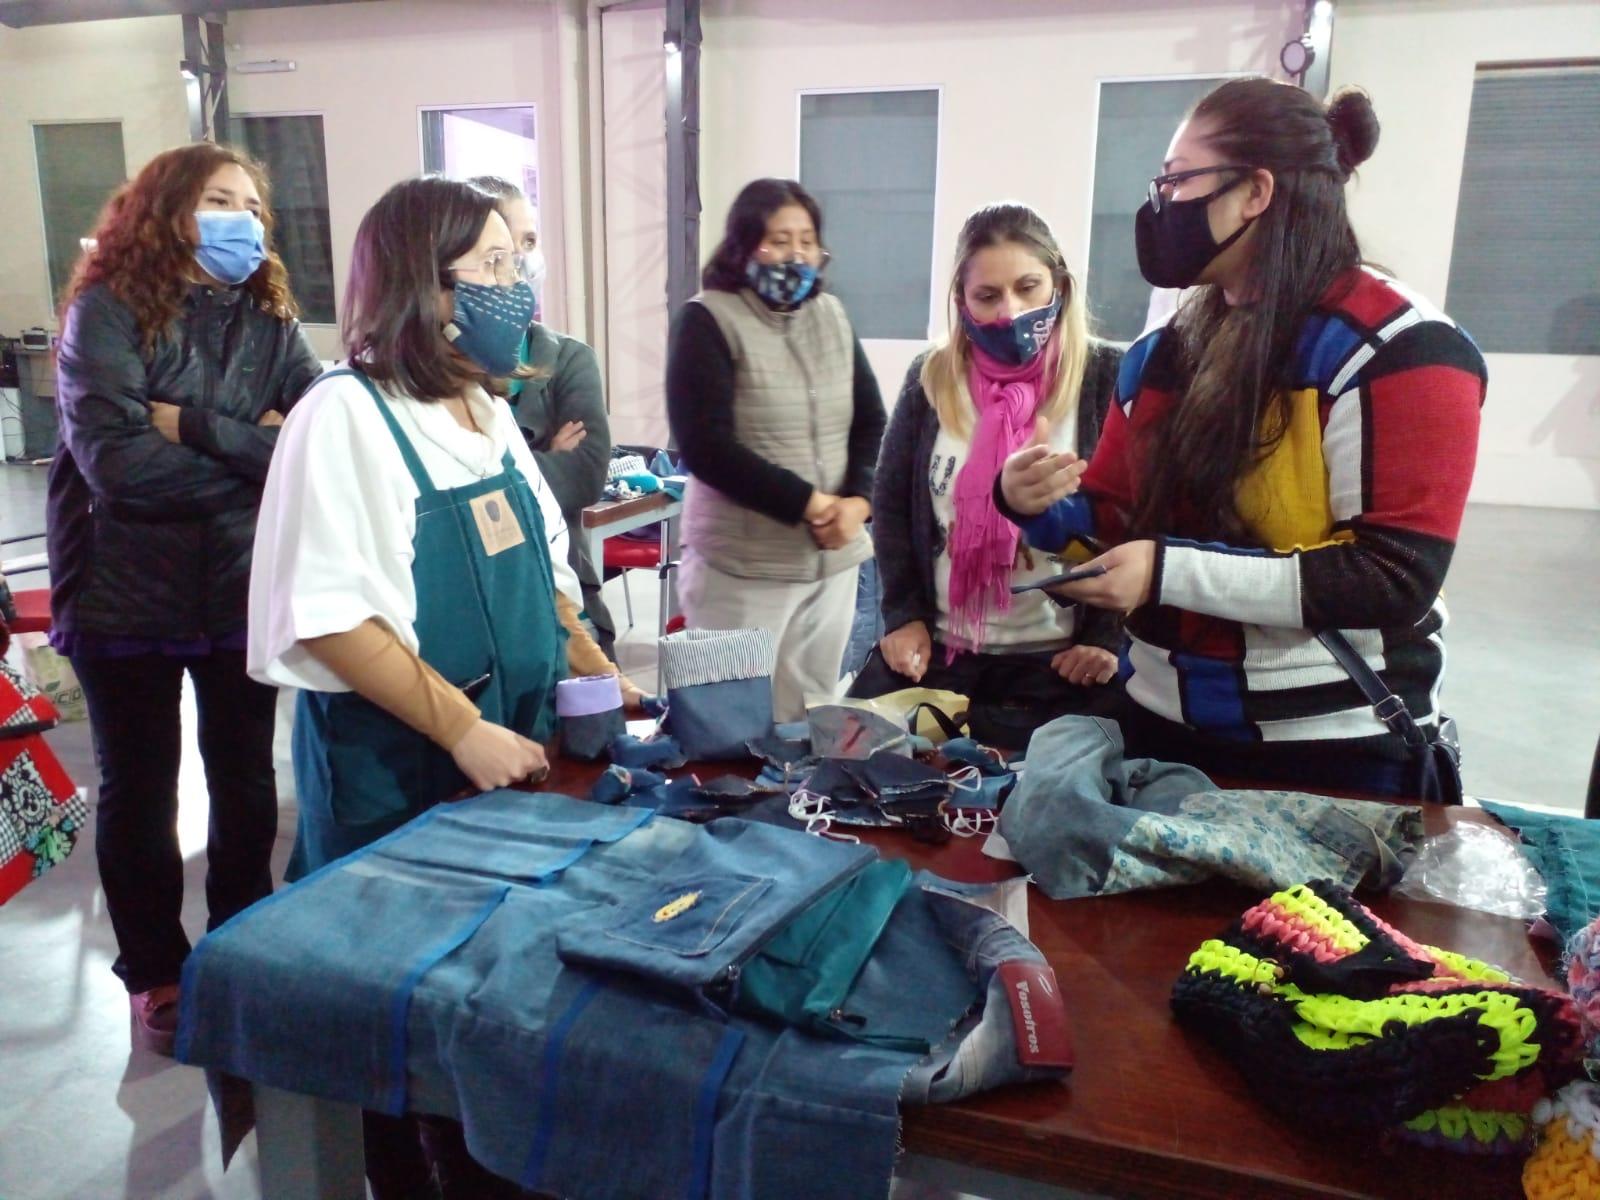 """Diego Bartalotta visito la clase de Reciclaje textil que forma parte del proyecto """"Avellaneda recicla""""."""